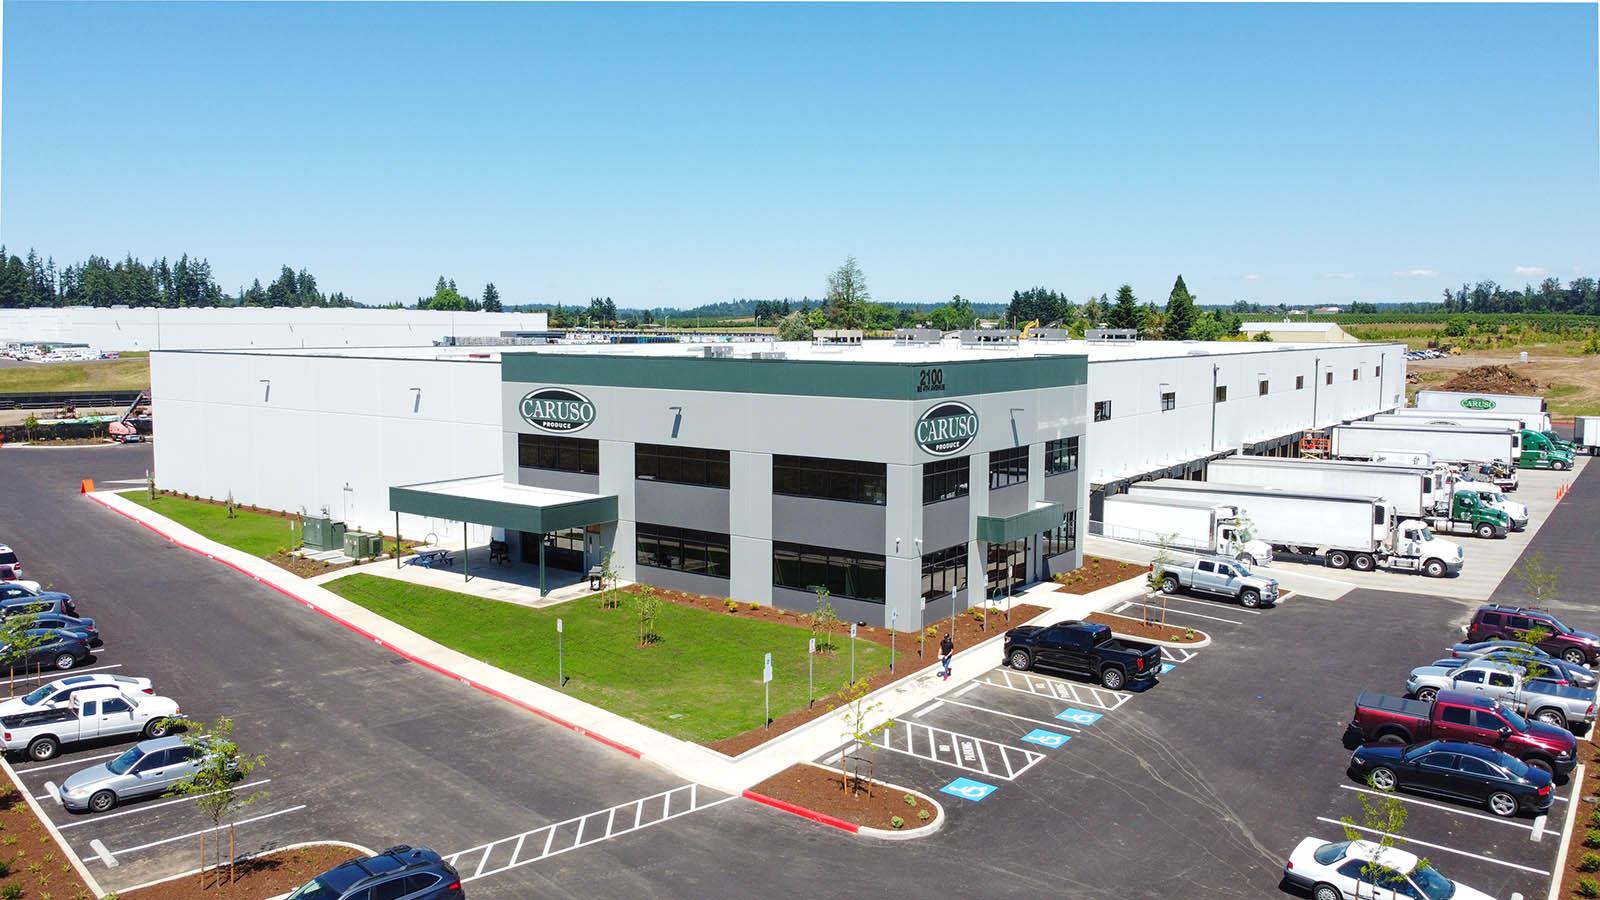 Caruso produce building exterior